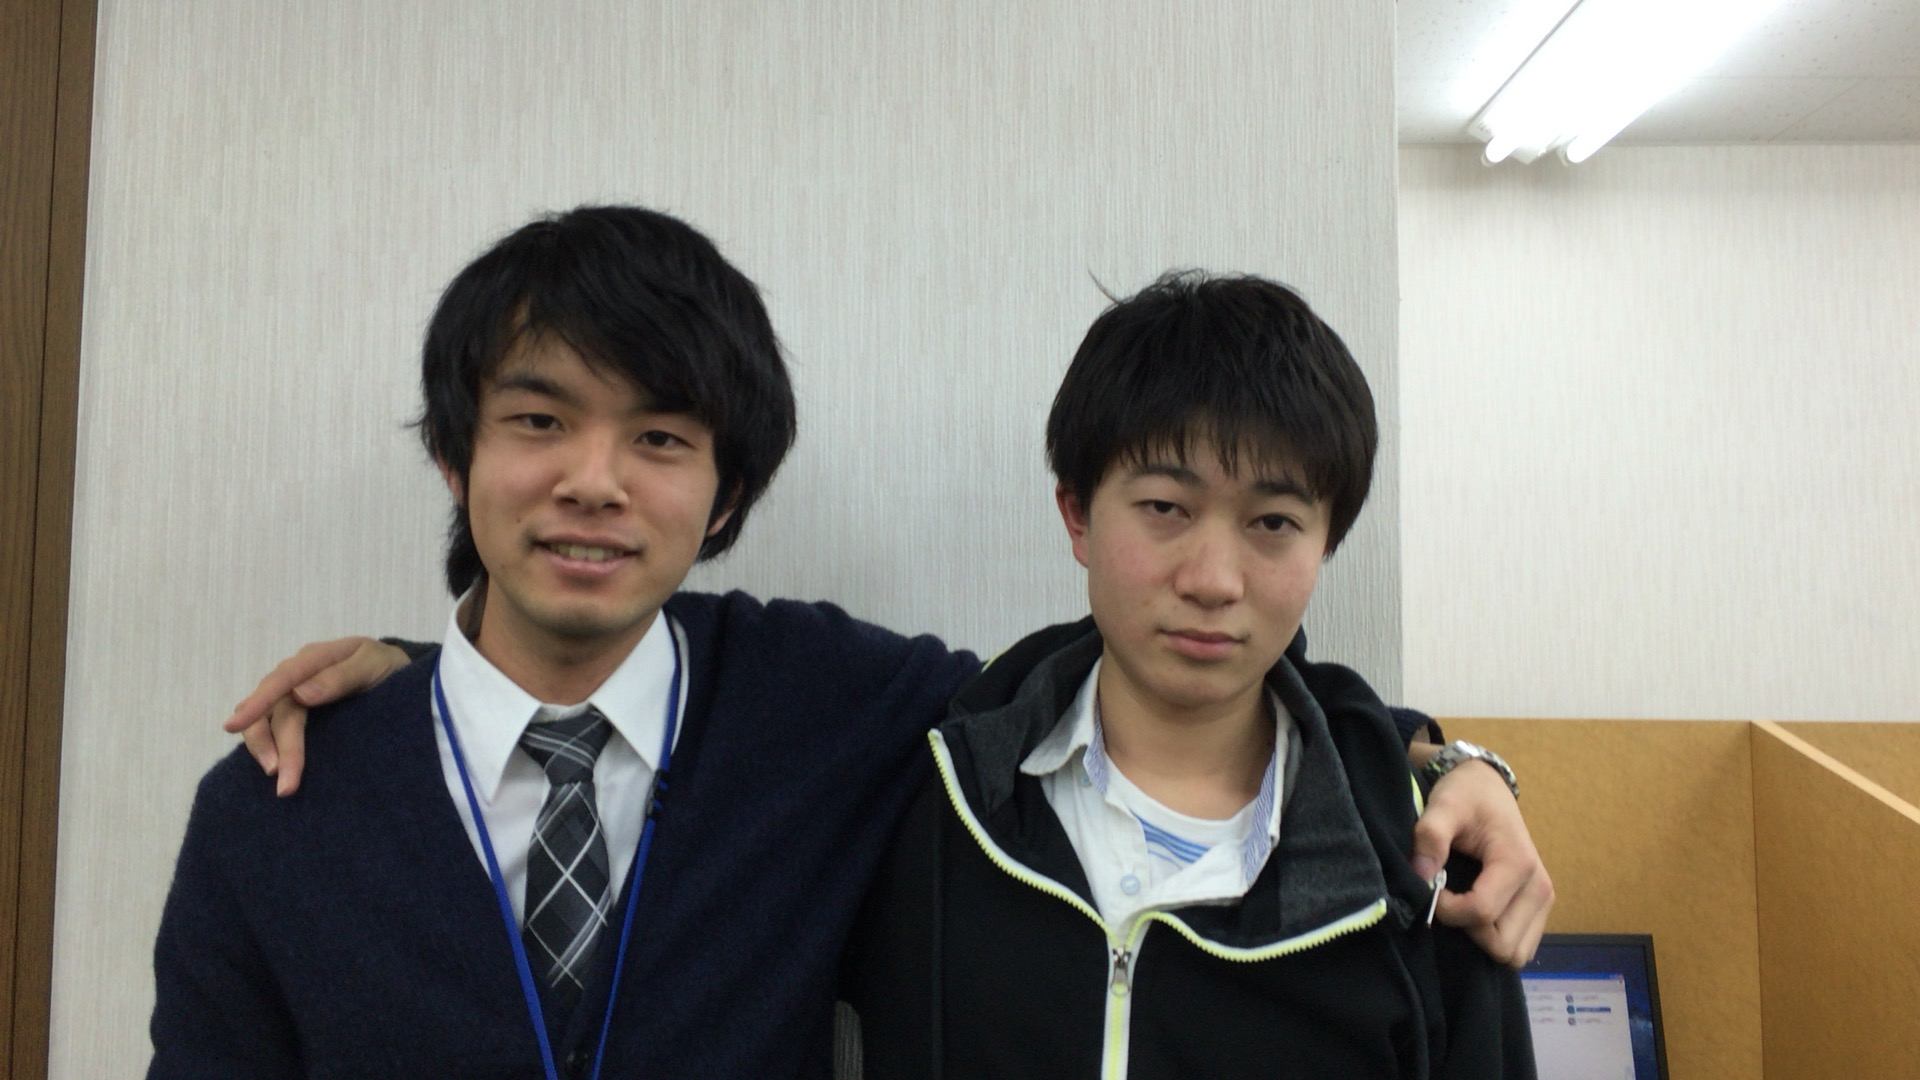 北村君&梅村先生